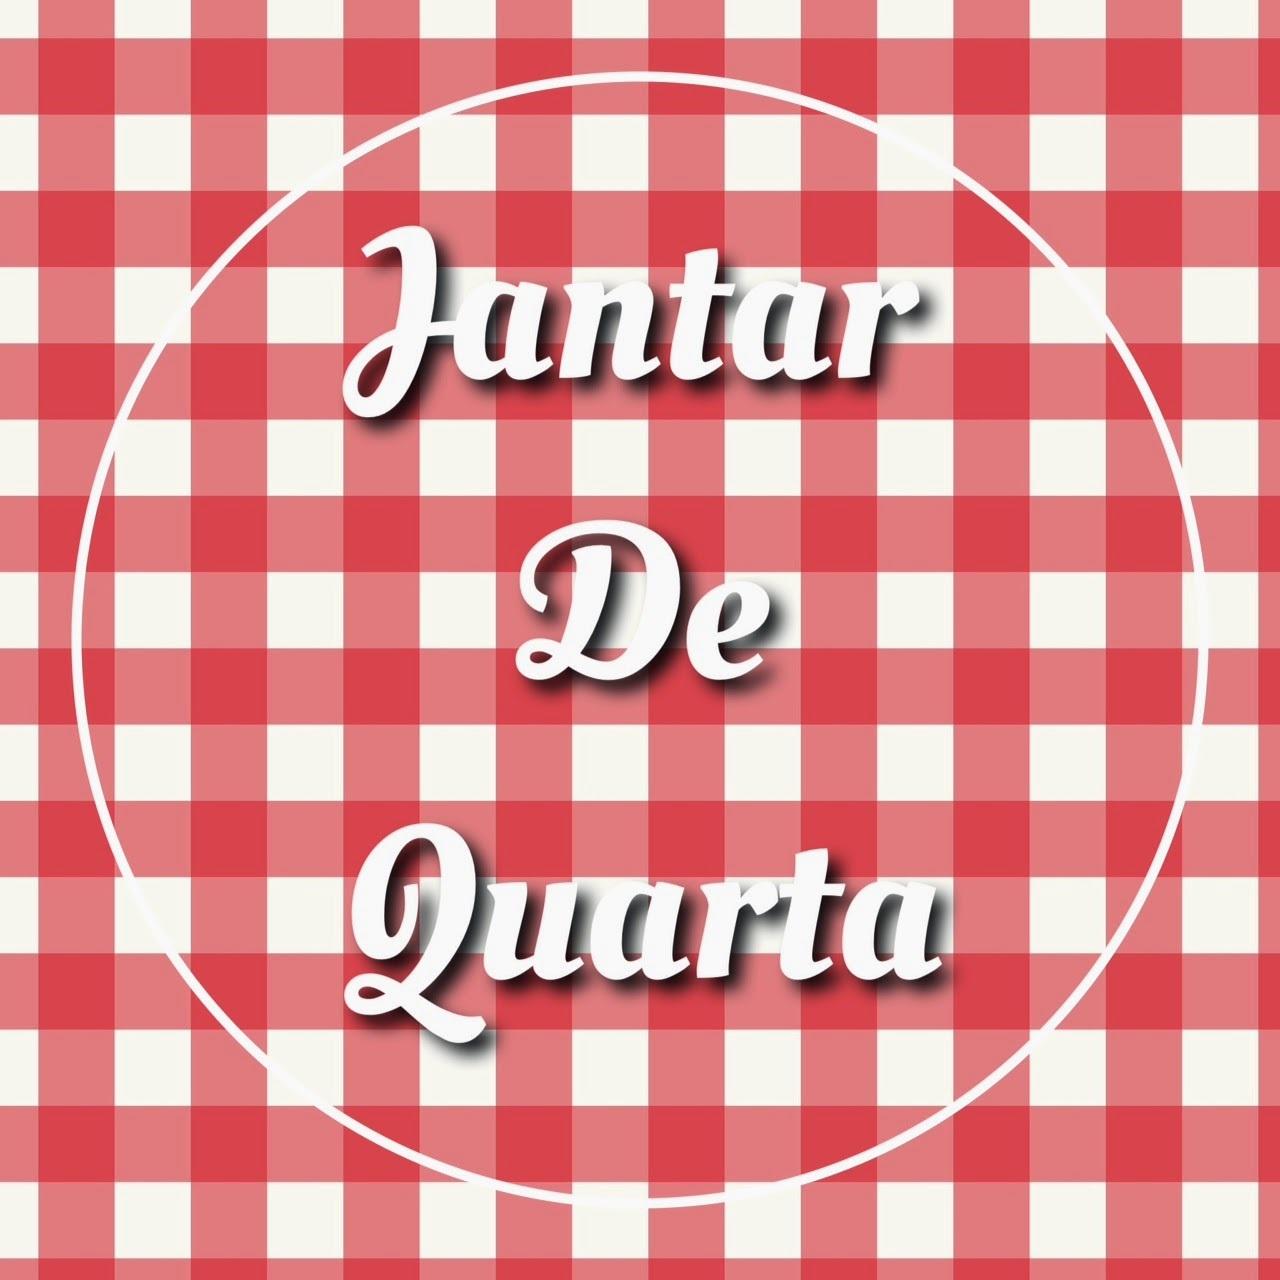 Jantar de Quarta 24/09 (cenas fortes)